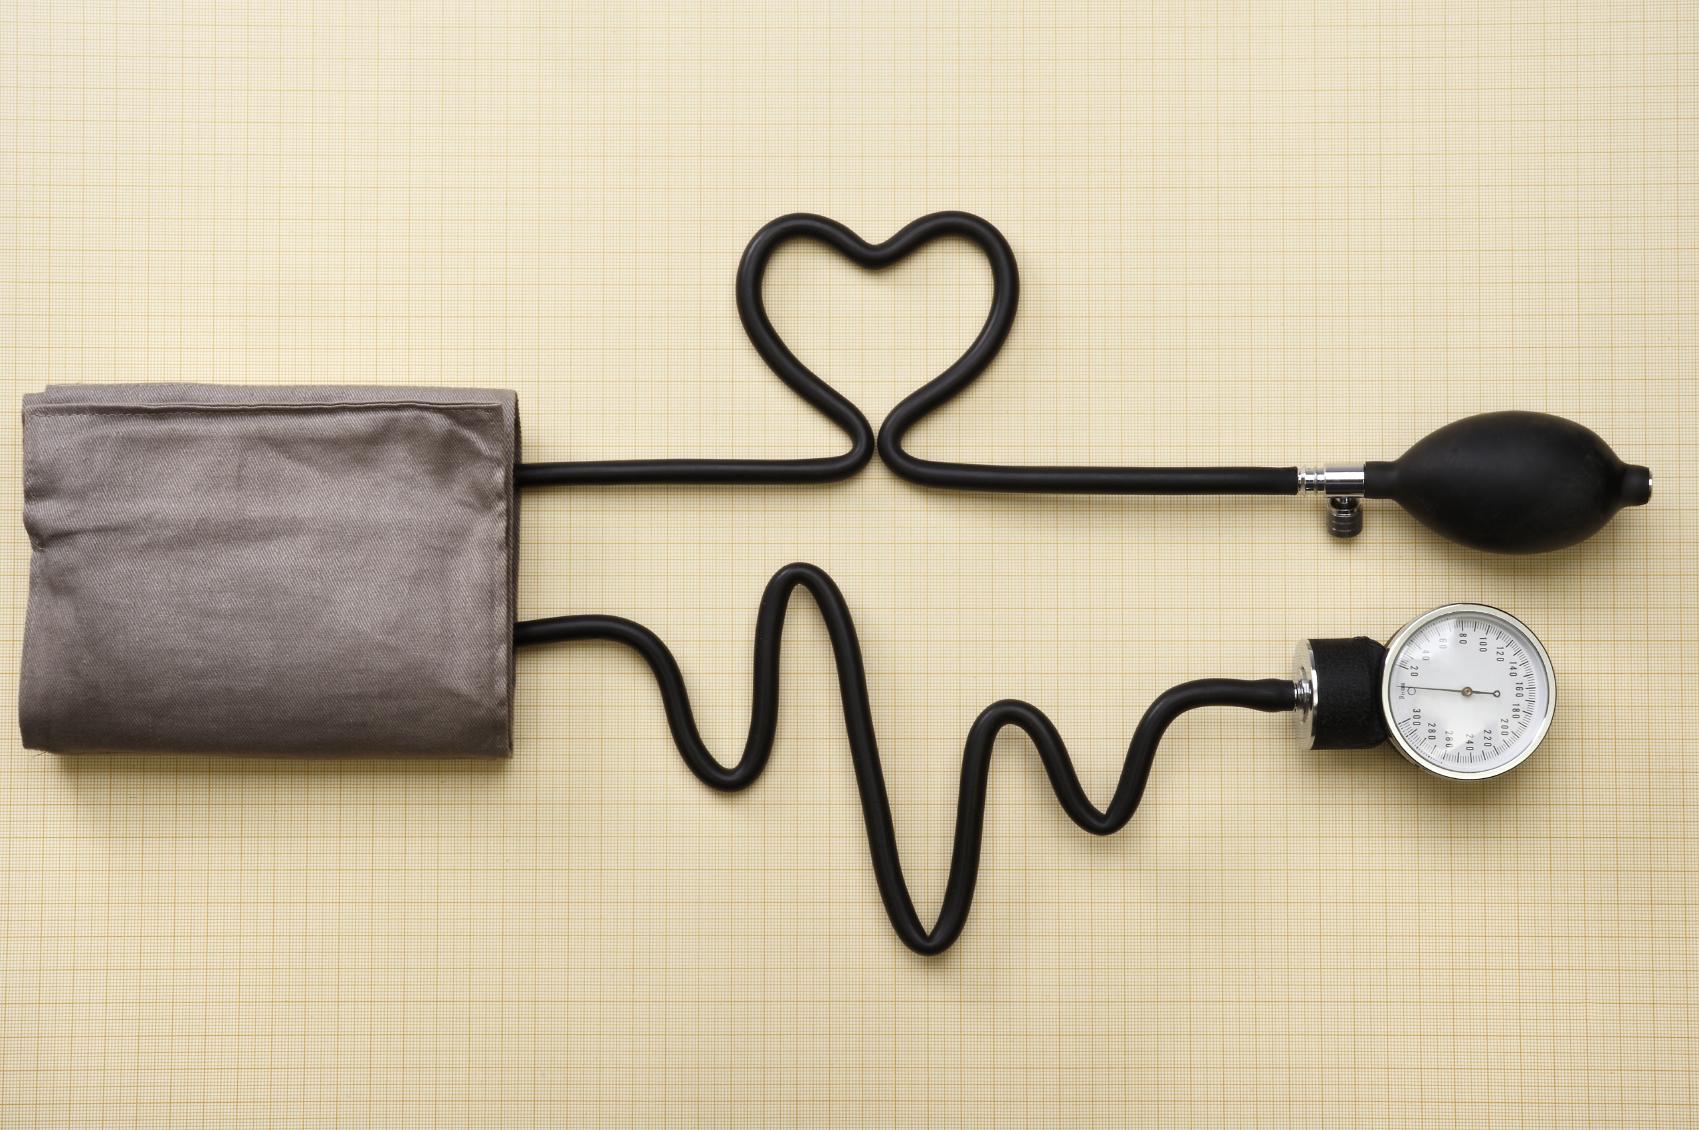 bennem a magas vérnyomás második foka, mint kezelni